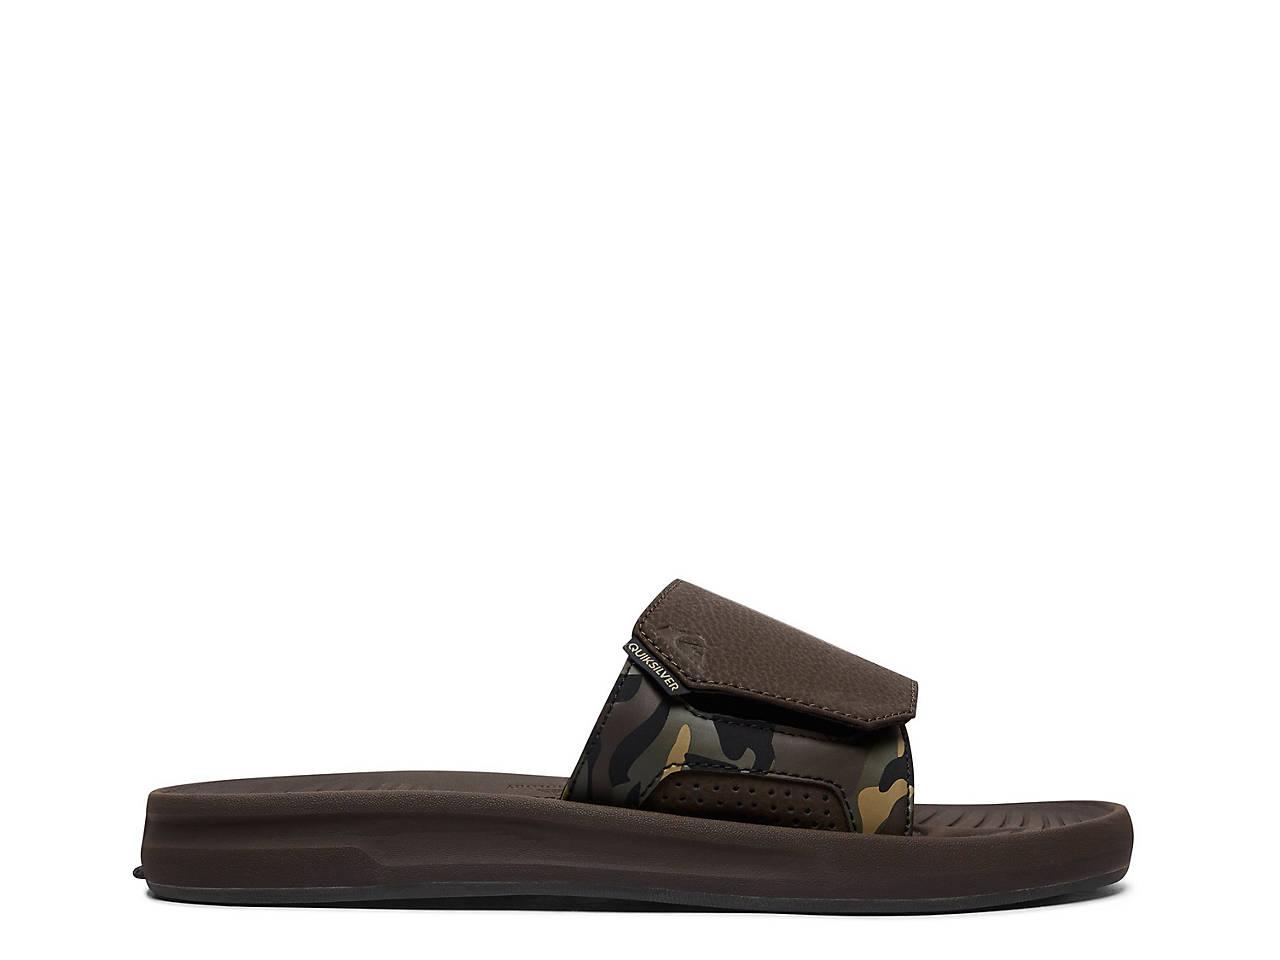 af895fa49073 Quiksilver Travel Oasis Slide Sandal - Men s Men s Shoes